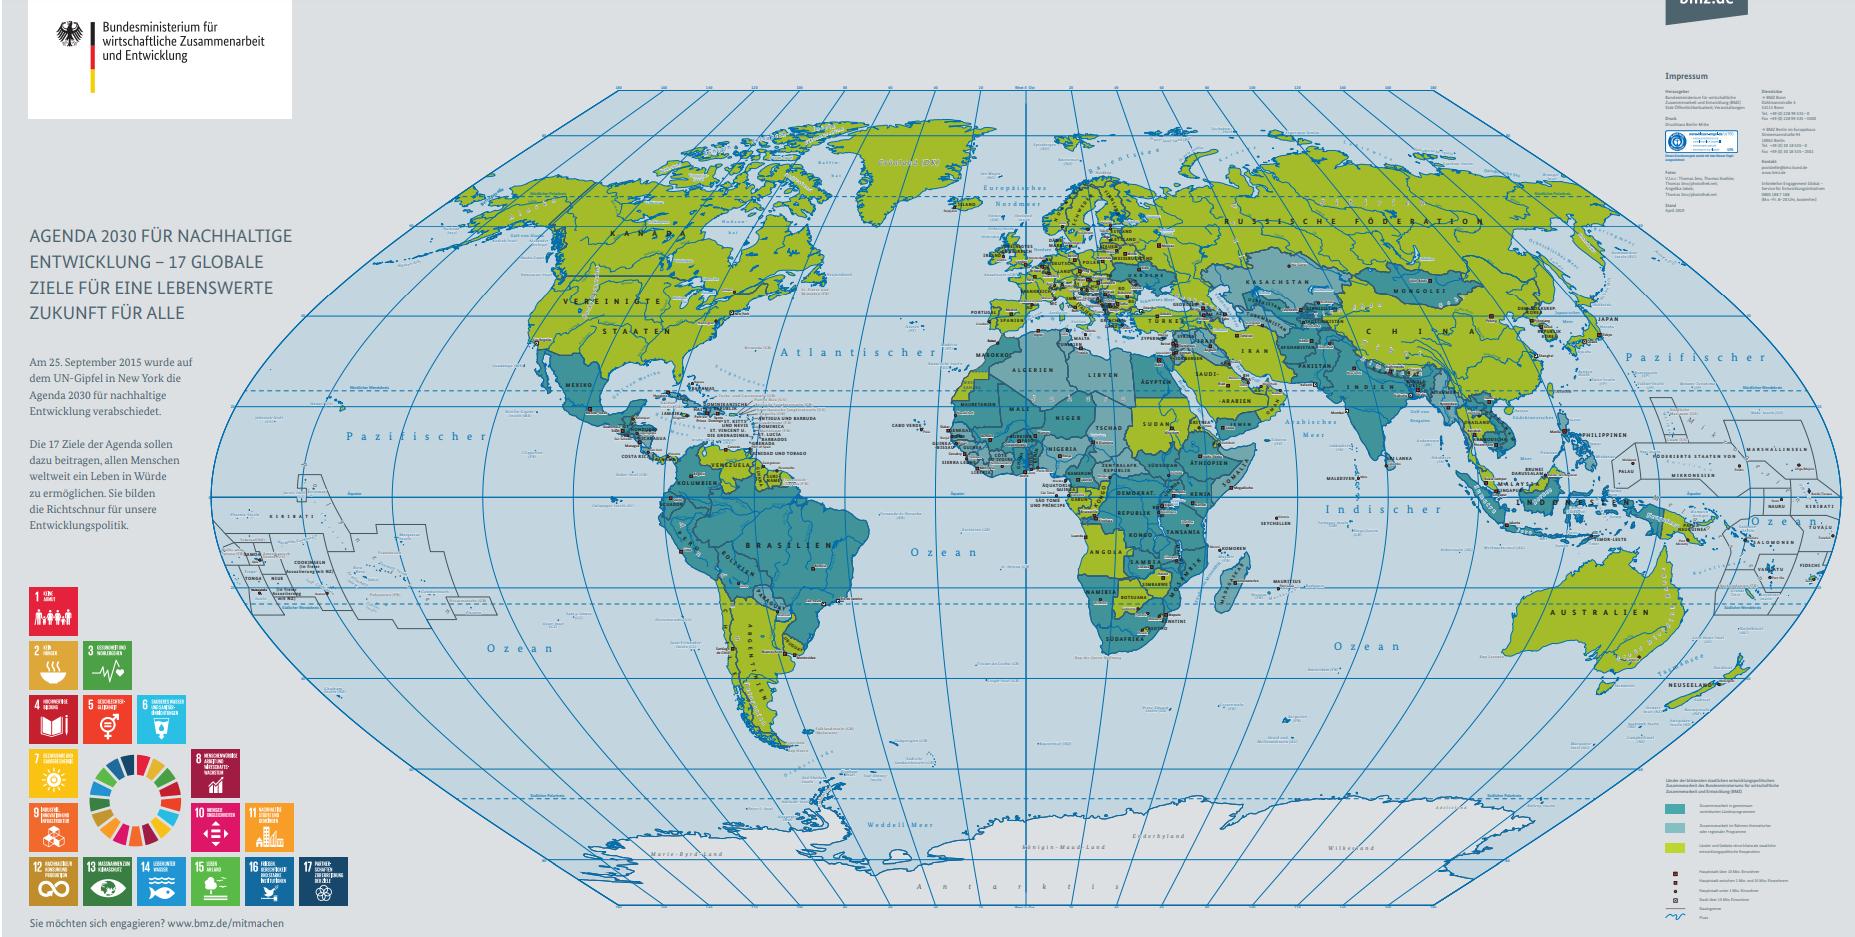 Kostenlose Weltkarte vom Bundesministerium für Entwicklung